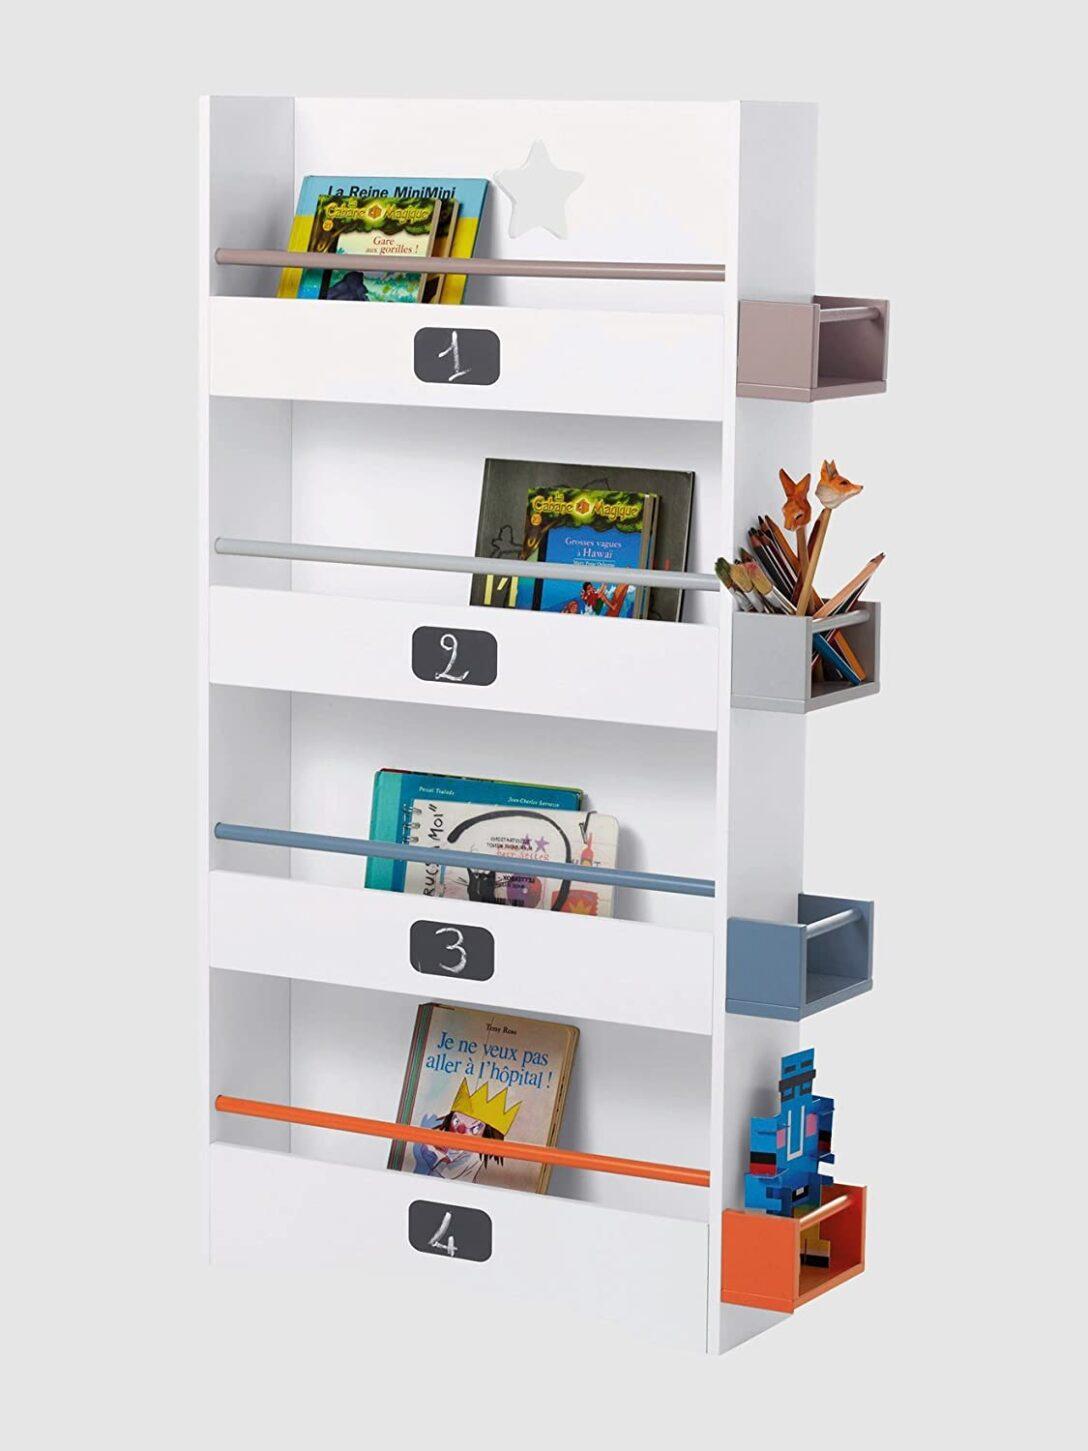 Large Size of Bücherregal Kinderzimmer Vertbaudet Bcherregal Frs Wei Amazonde Kche Regal Weiß Regale Sofa Kinderzimmer Bücherregal Kinderzimmer